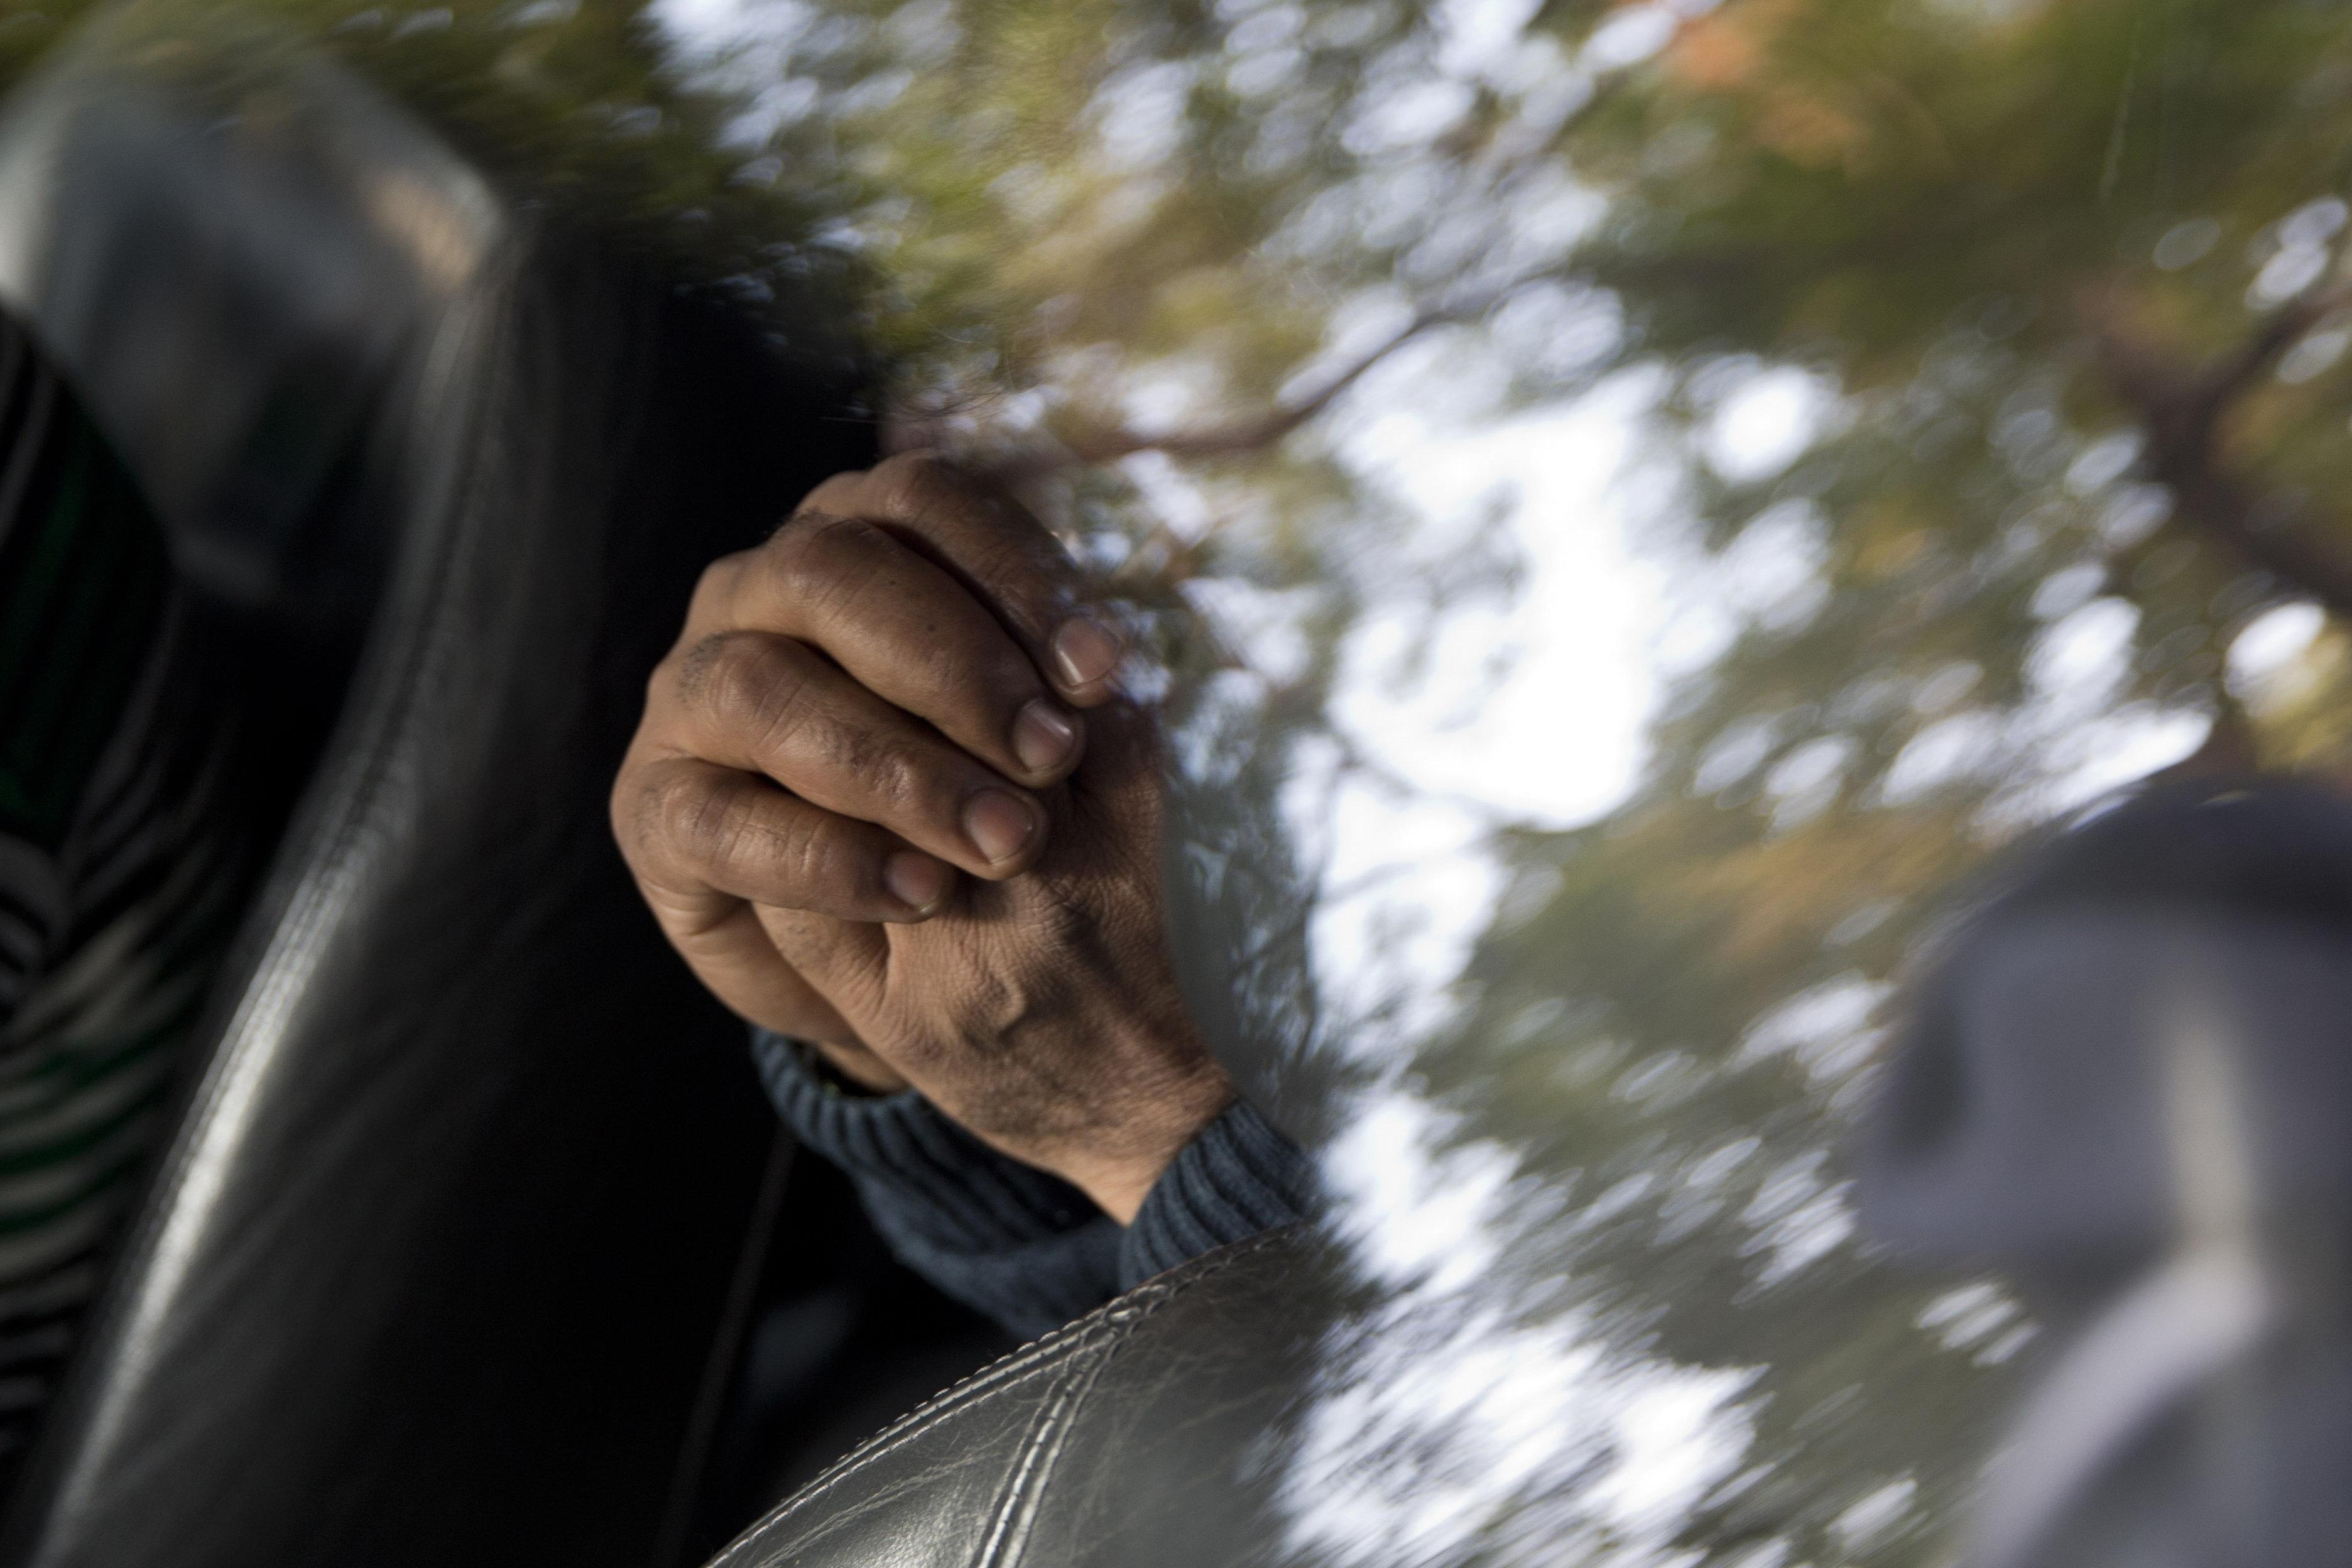 Ηθοποιός φέρεται να είναι ο βιαστής του ταξιτζή - «Τι μου έκανες; Με κατέστρεψες», έλεγε το